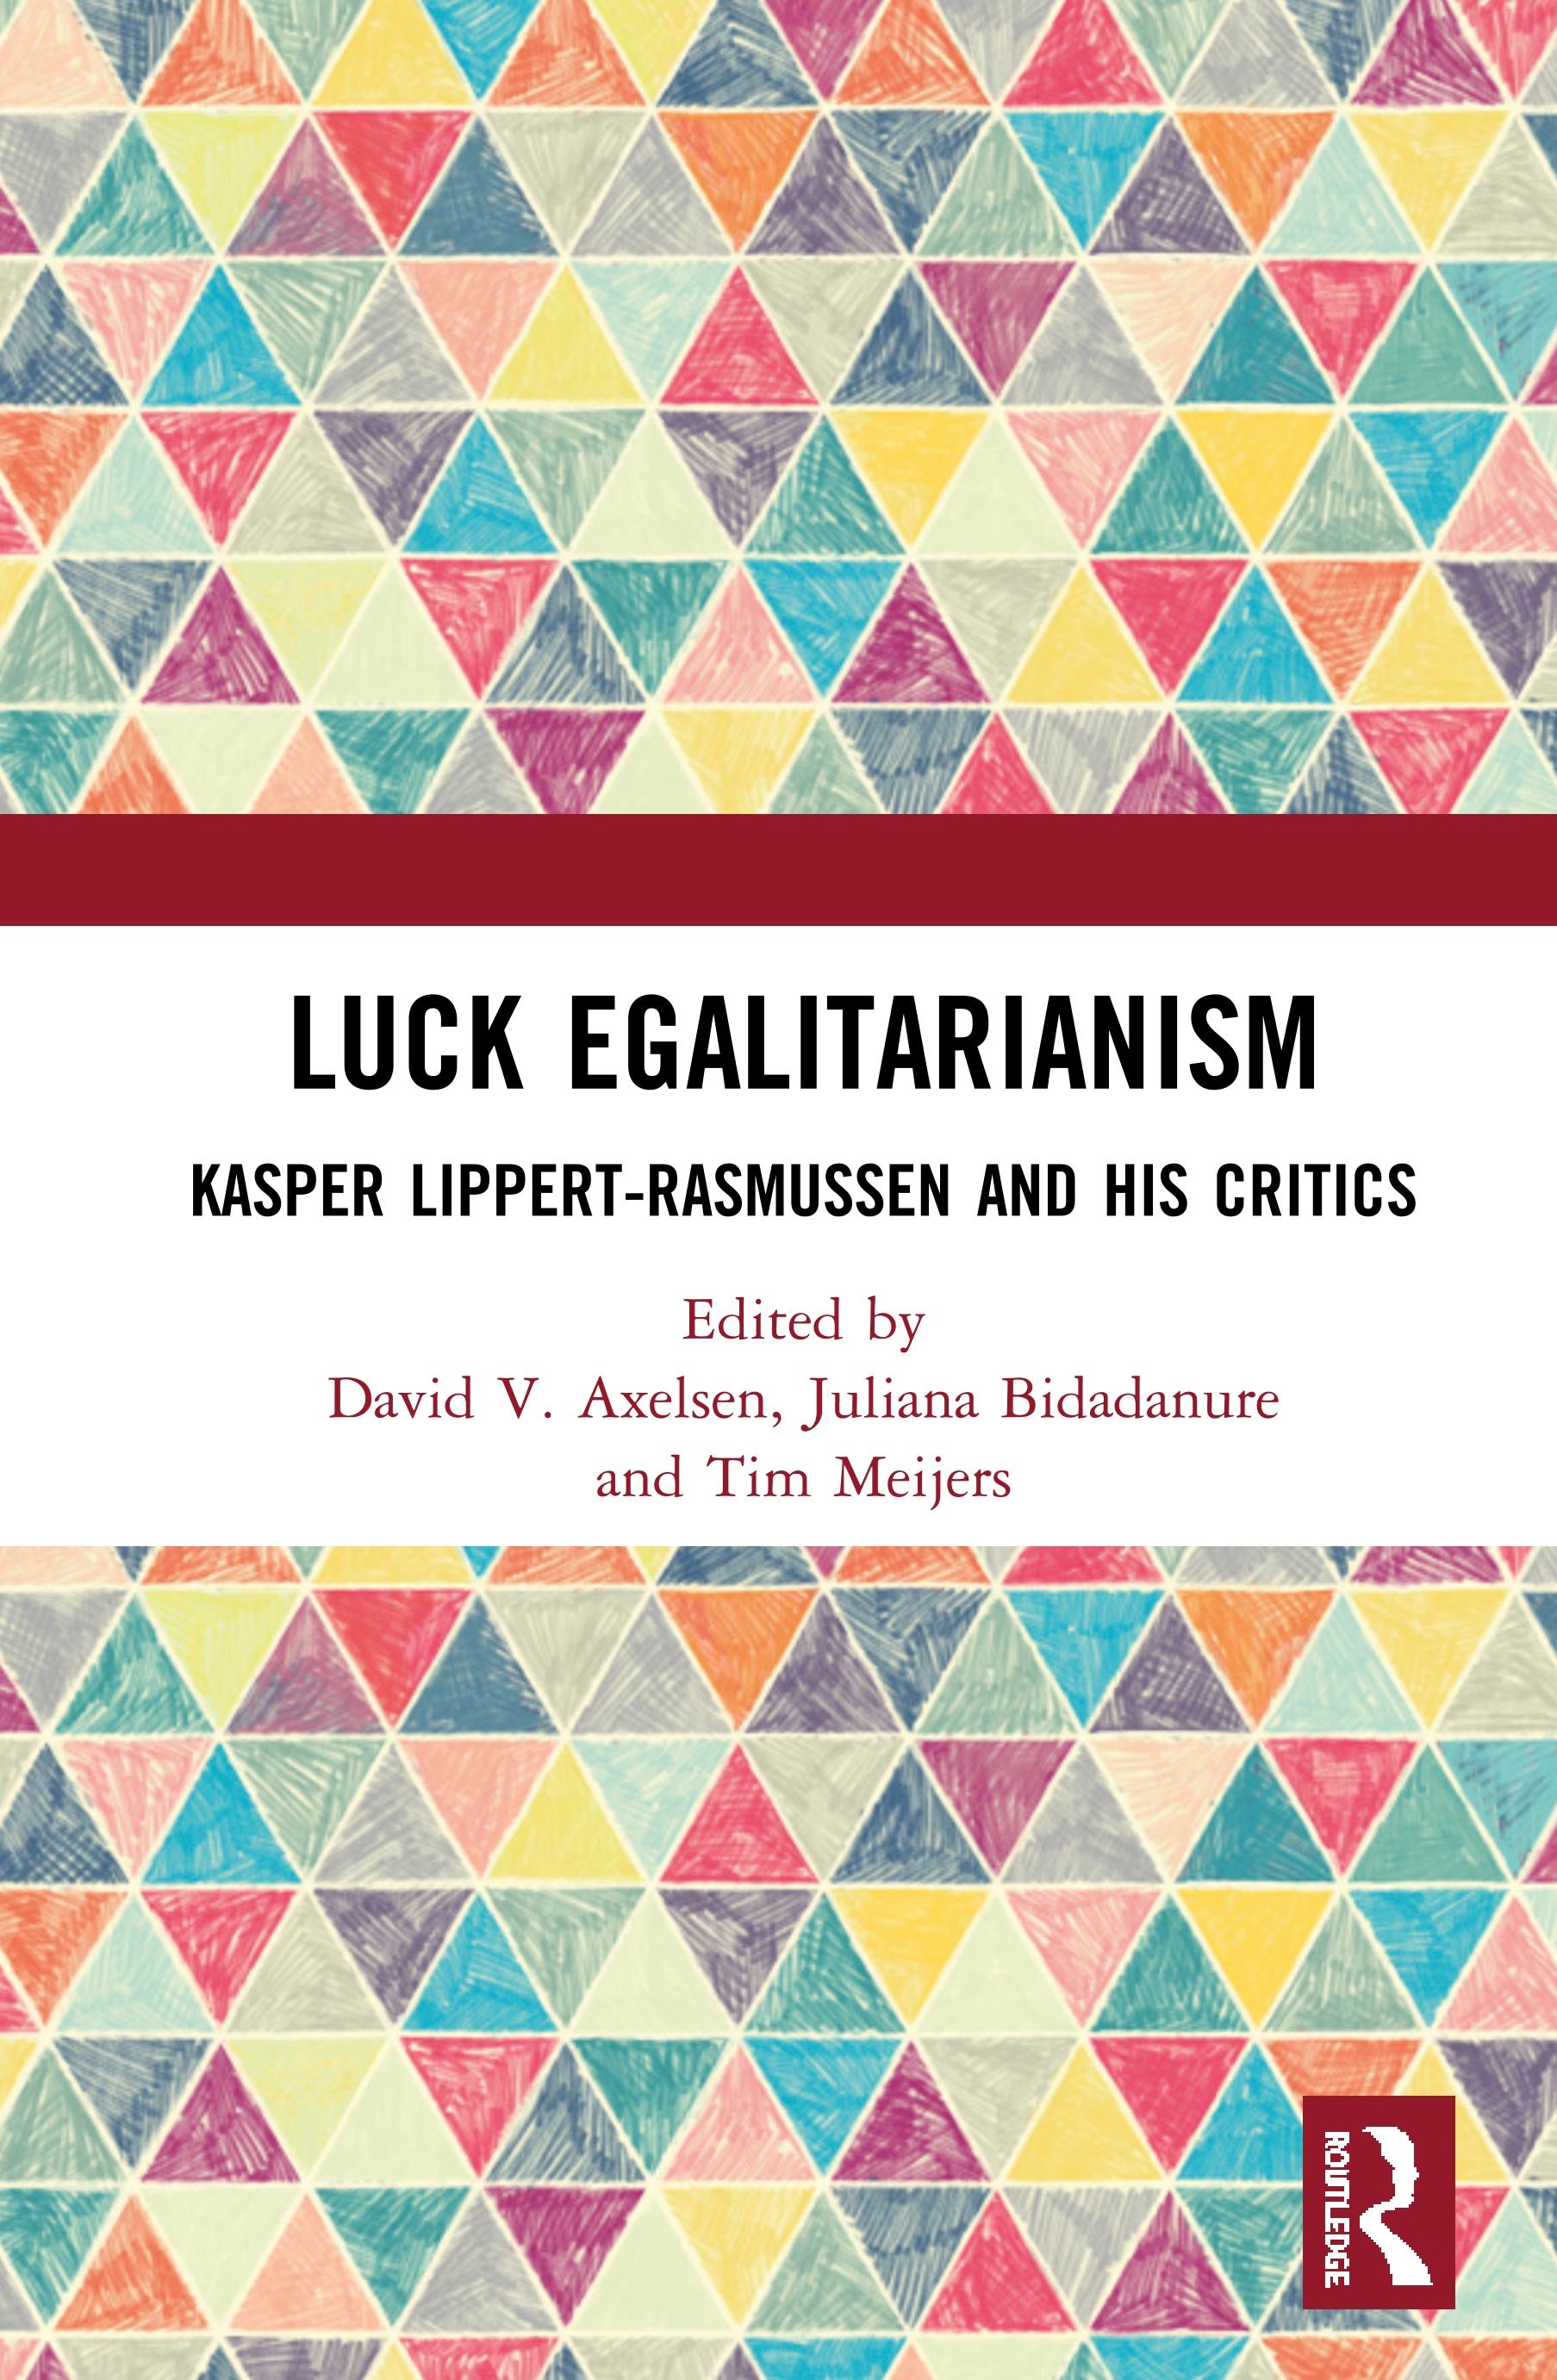 Luck Egalitarianism: Kasper Lippert-Rasmussen and His Critics book cover